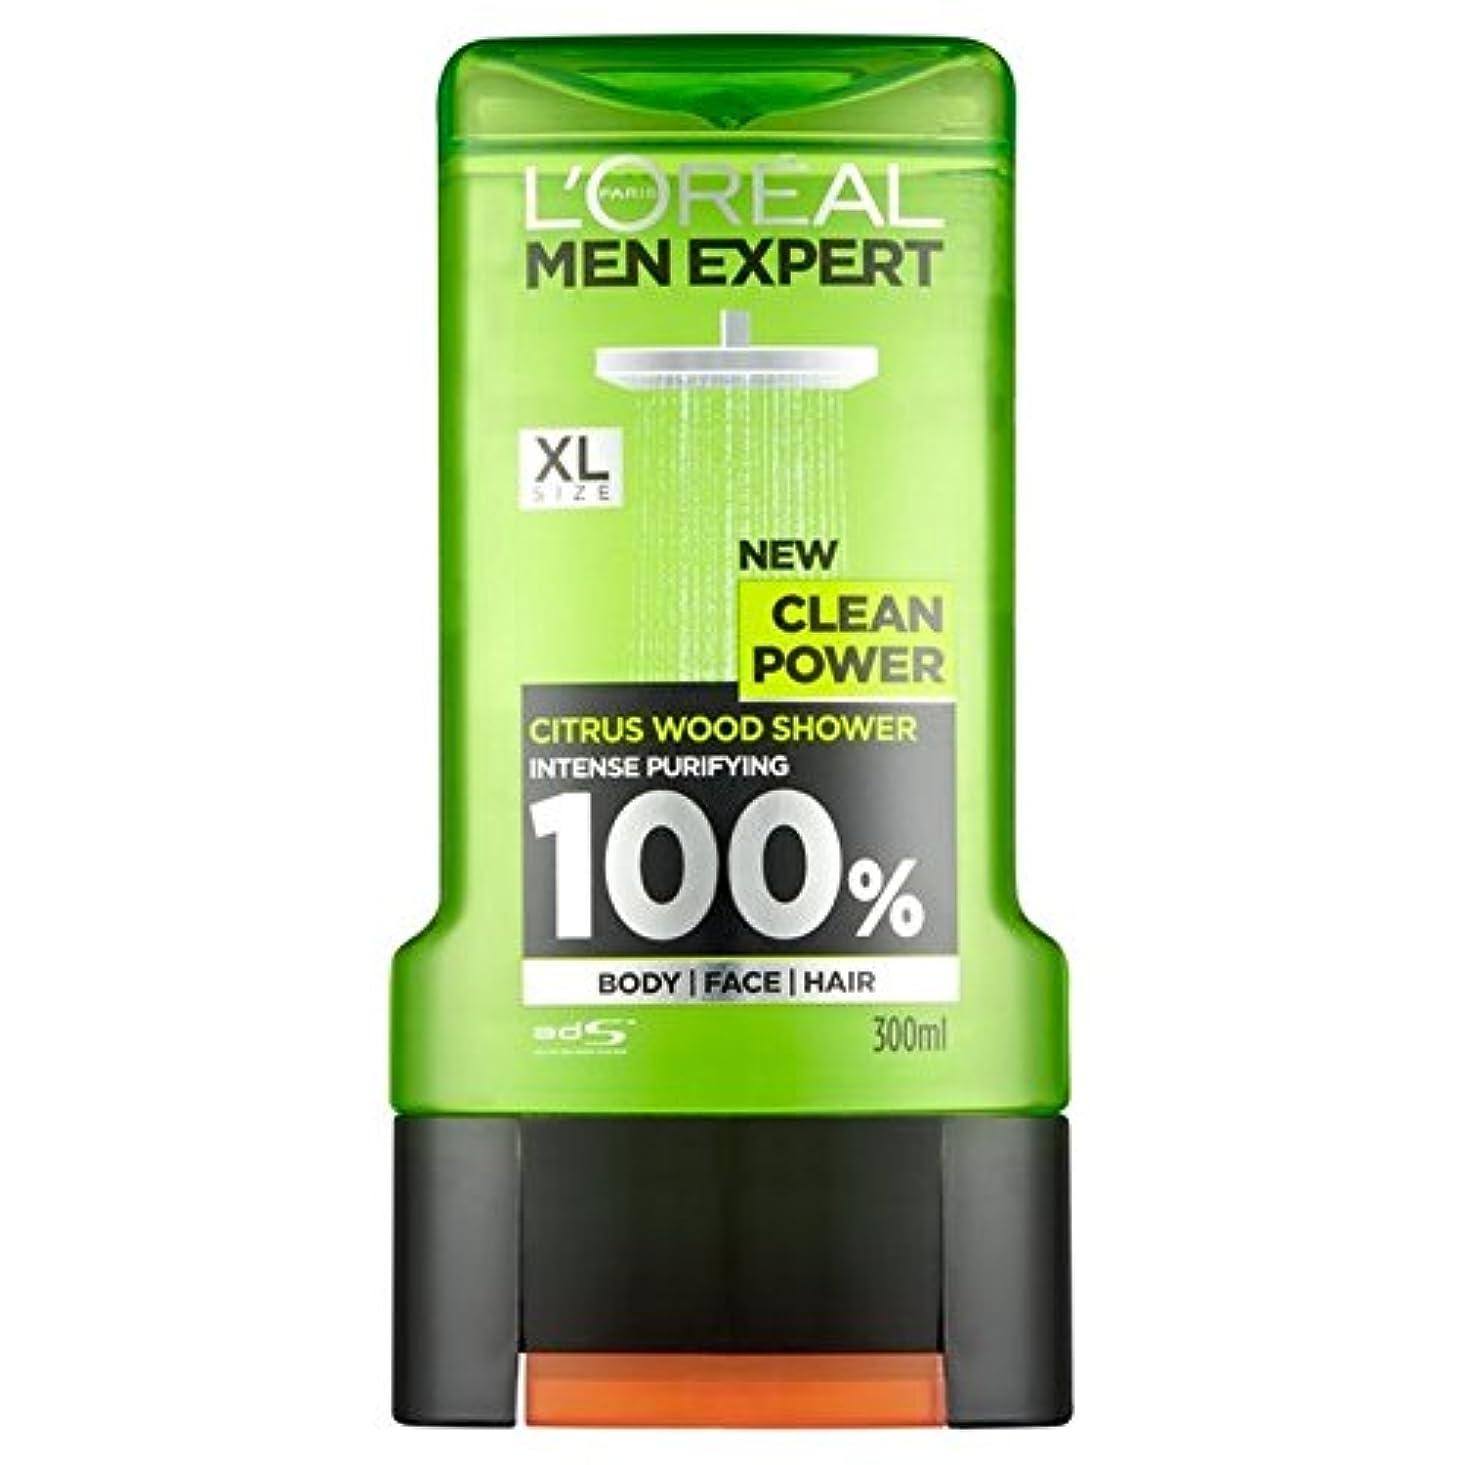 署名倒産教会ロレアルパリの男性の専門家クリーンパワーシャワージェル300ミリリットル x2 - L'Oreal Paris Men Expert Clean Power Shower Gel 300ml (Pack of 2) [並行輸入品]